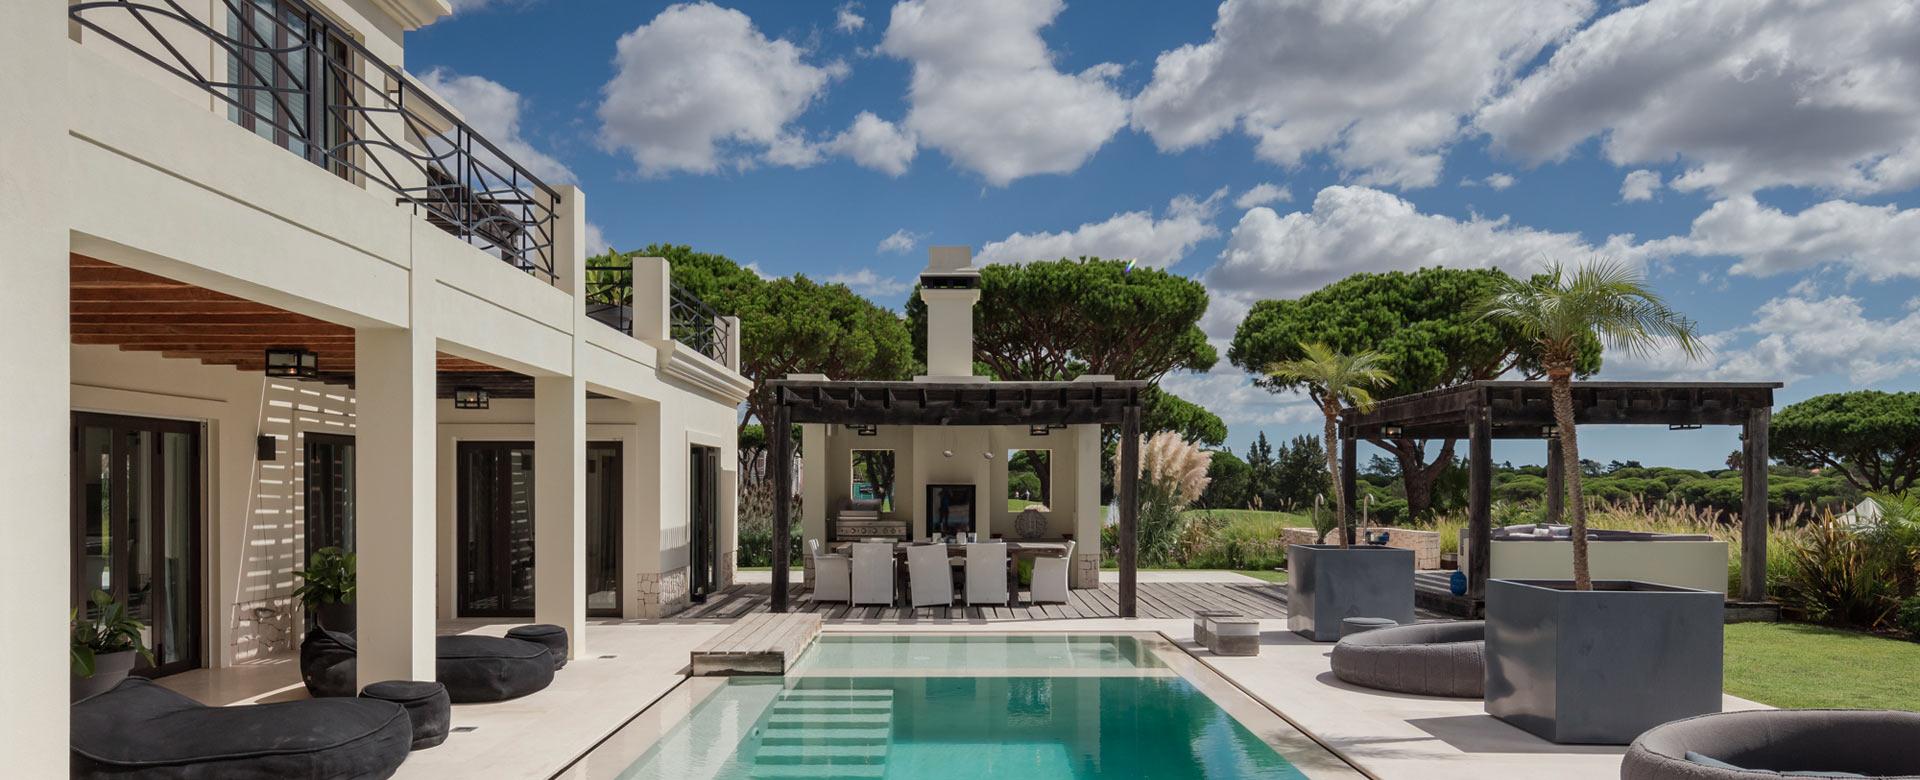 Location De Villa De Luxe Au Portugal | Villanovo intérieur Location Villa Portugal Avec Piscine Pas Cher